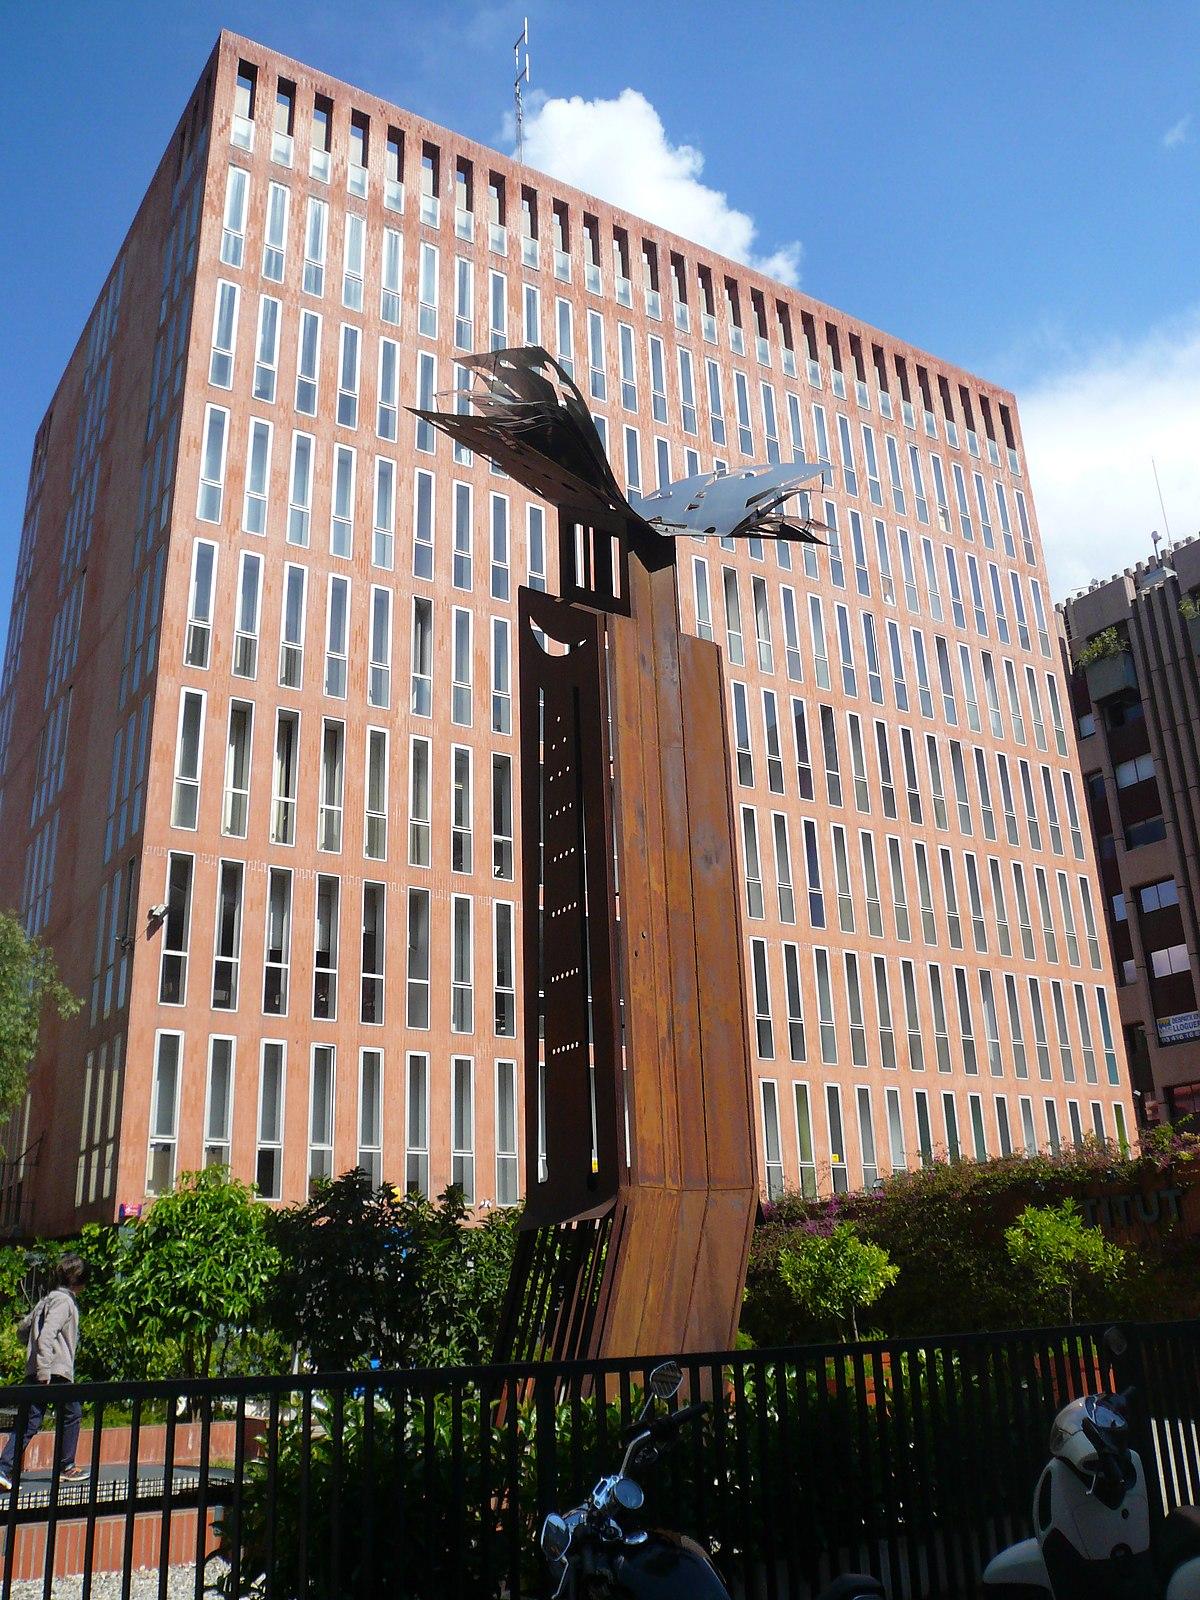 Institut franc s de barcelona viquip dia l 39 enciclop dia - Institut frances de barcelona ...